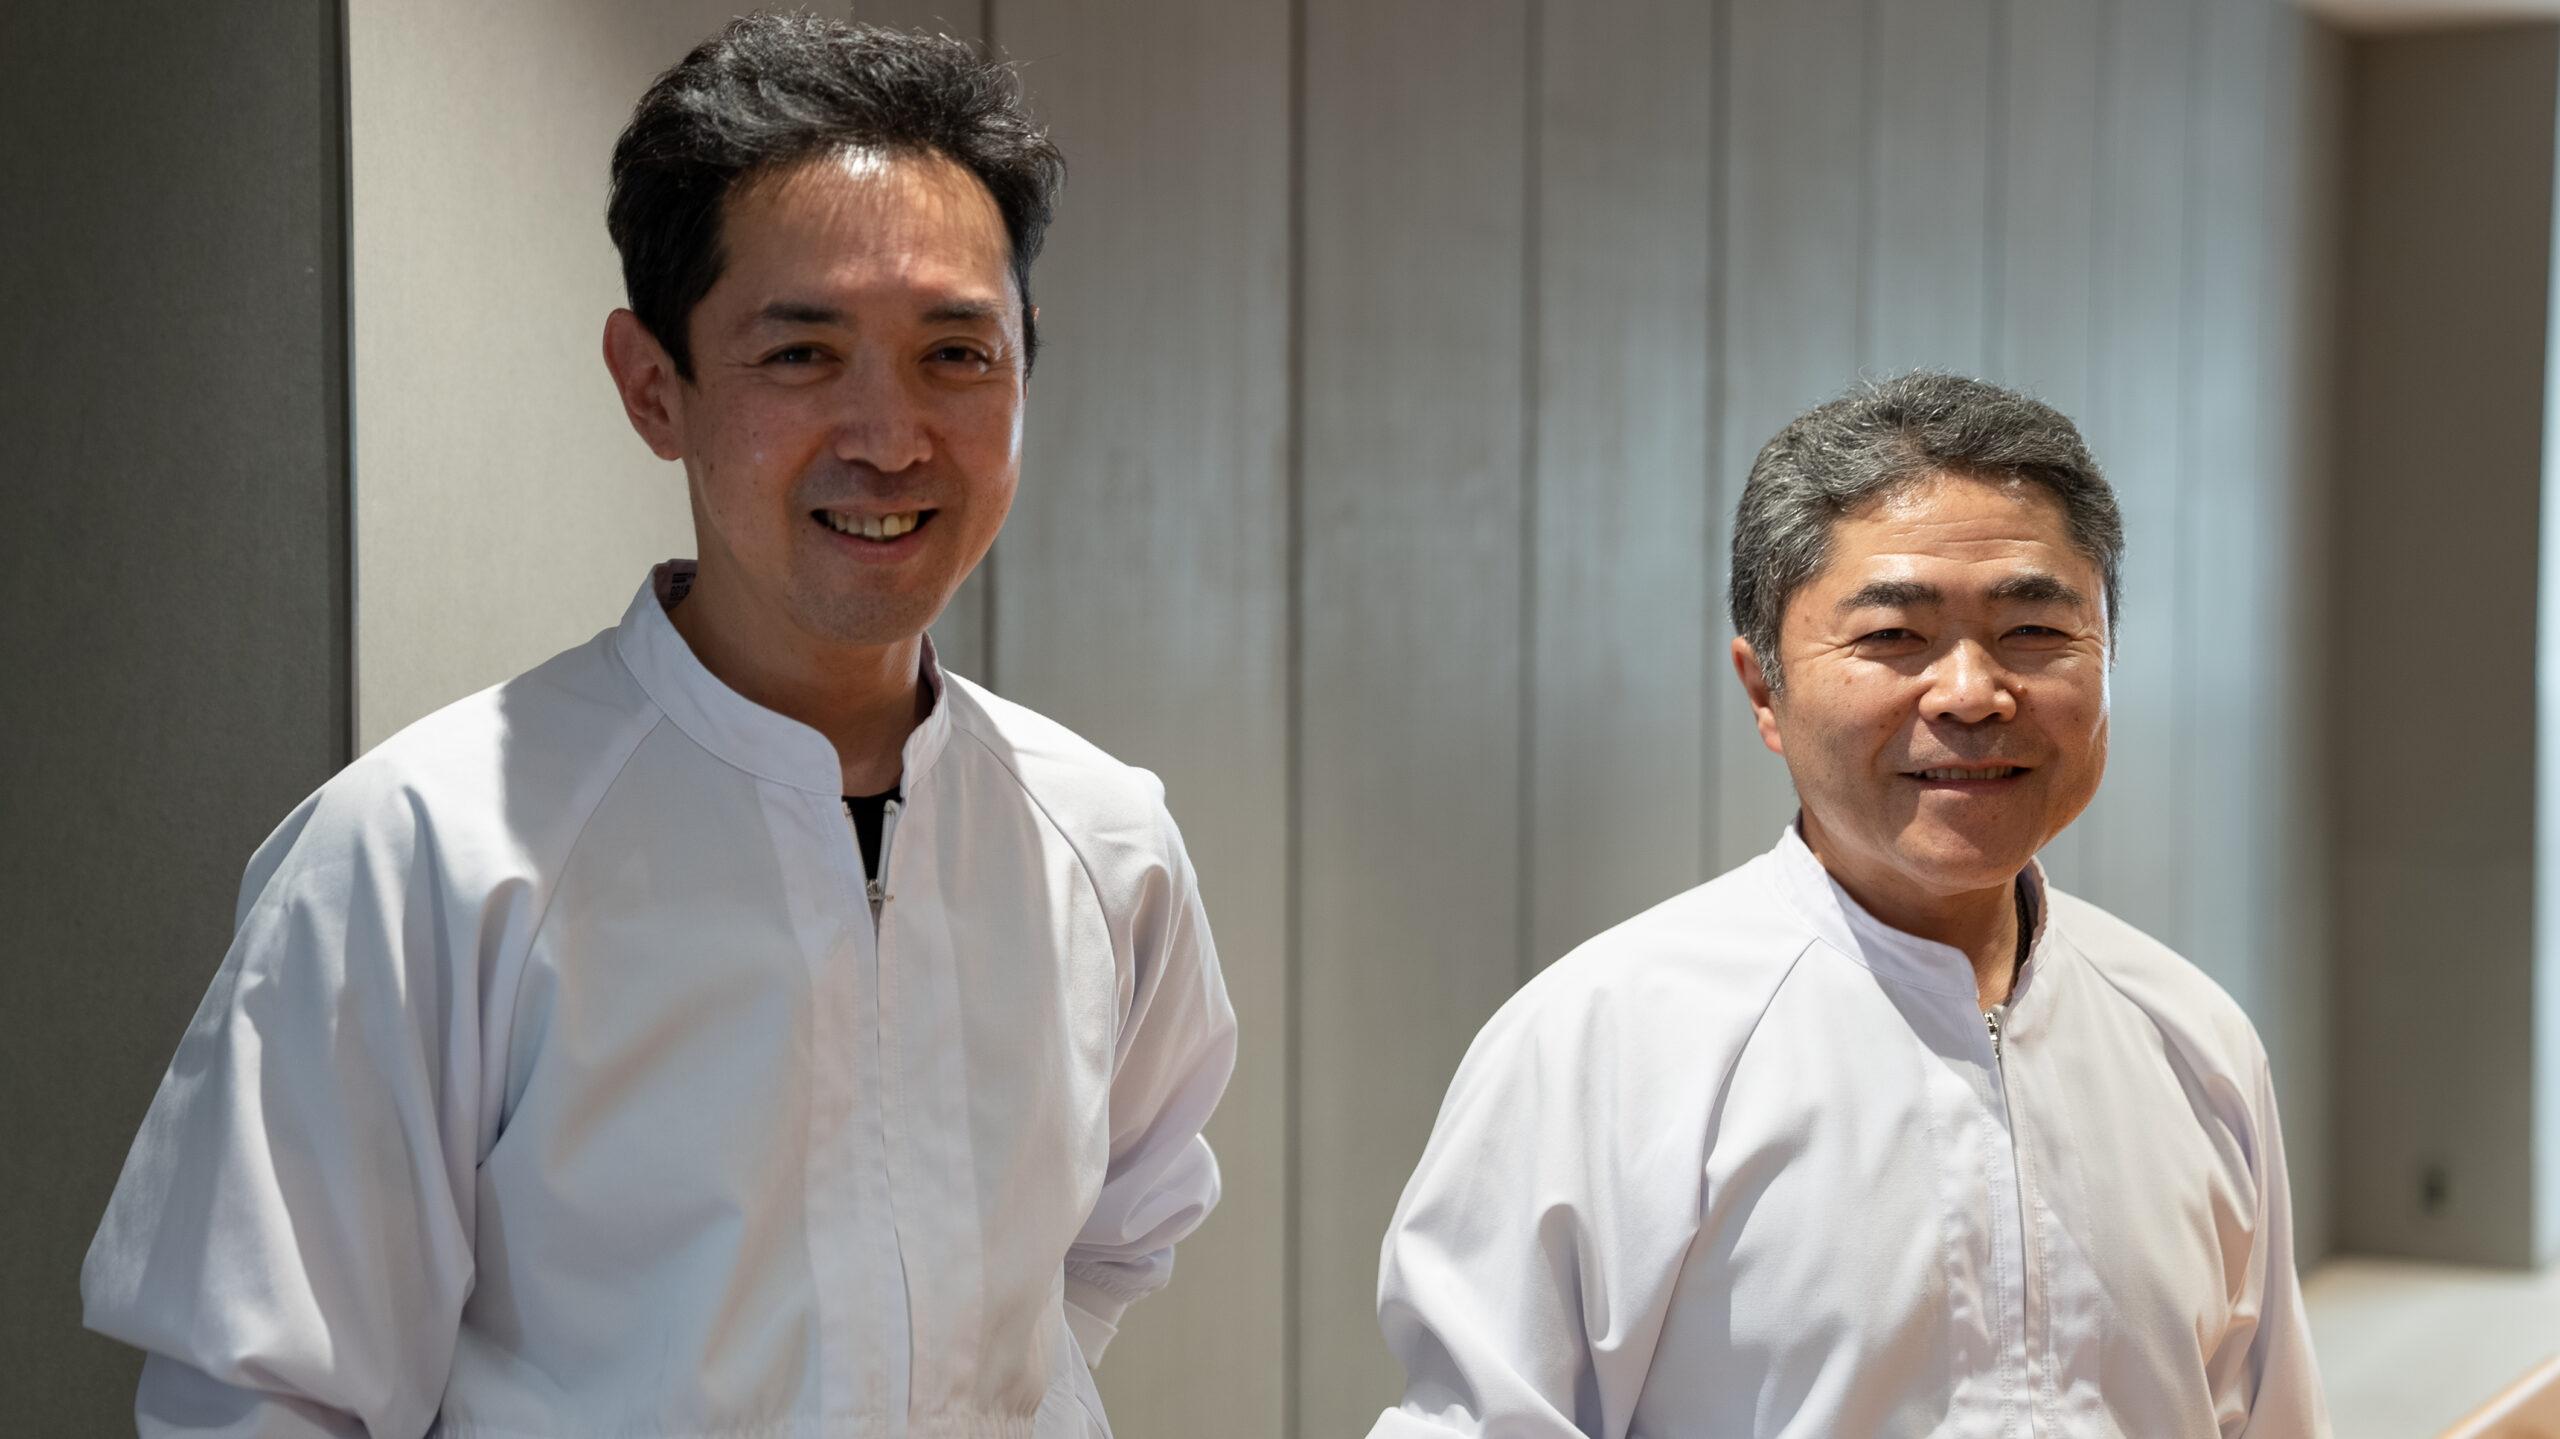 左)副職人長 岩本成将さん/右)職人長 宮瀬茉祐子さん